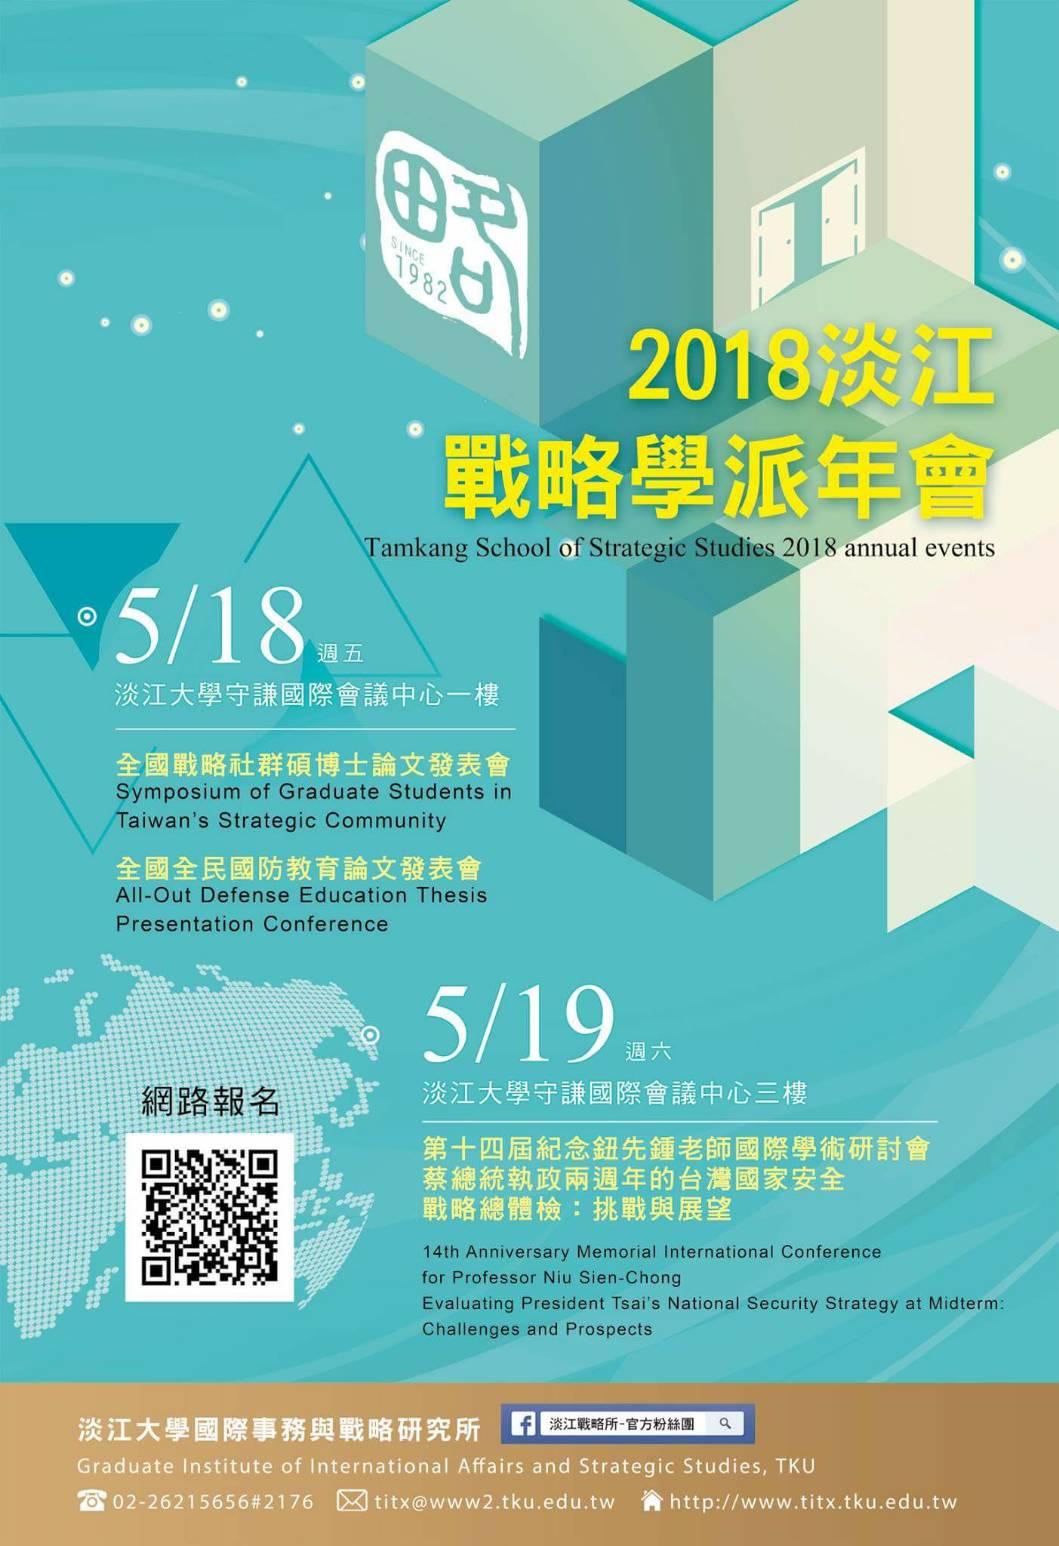 活動海報:2018淡江戰略學派年會 暨 第14屆紀念鈕先鍾教授國際學術研討會